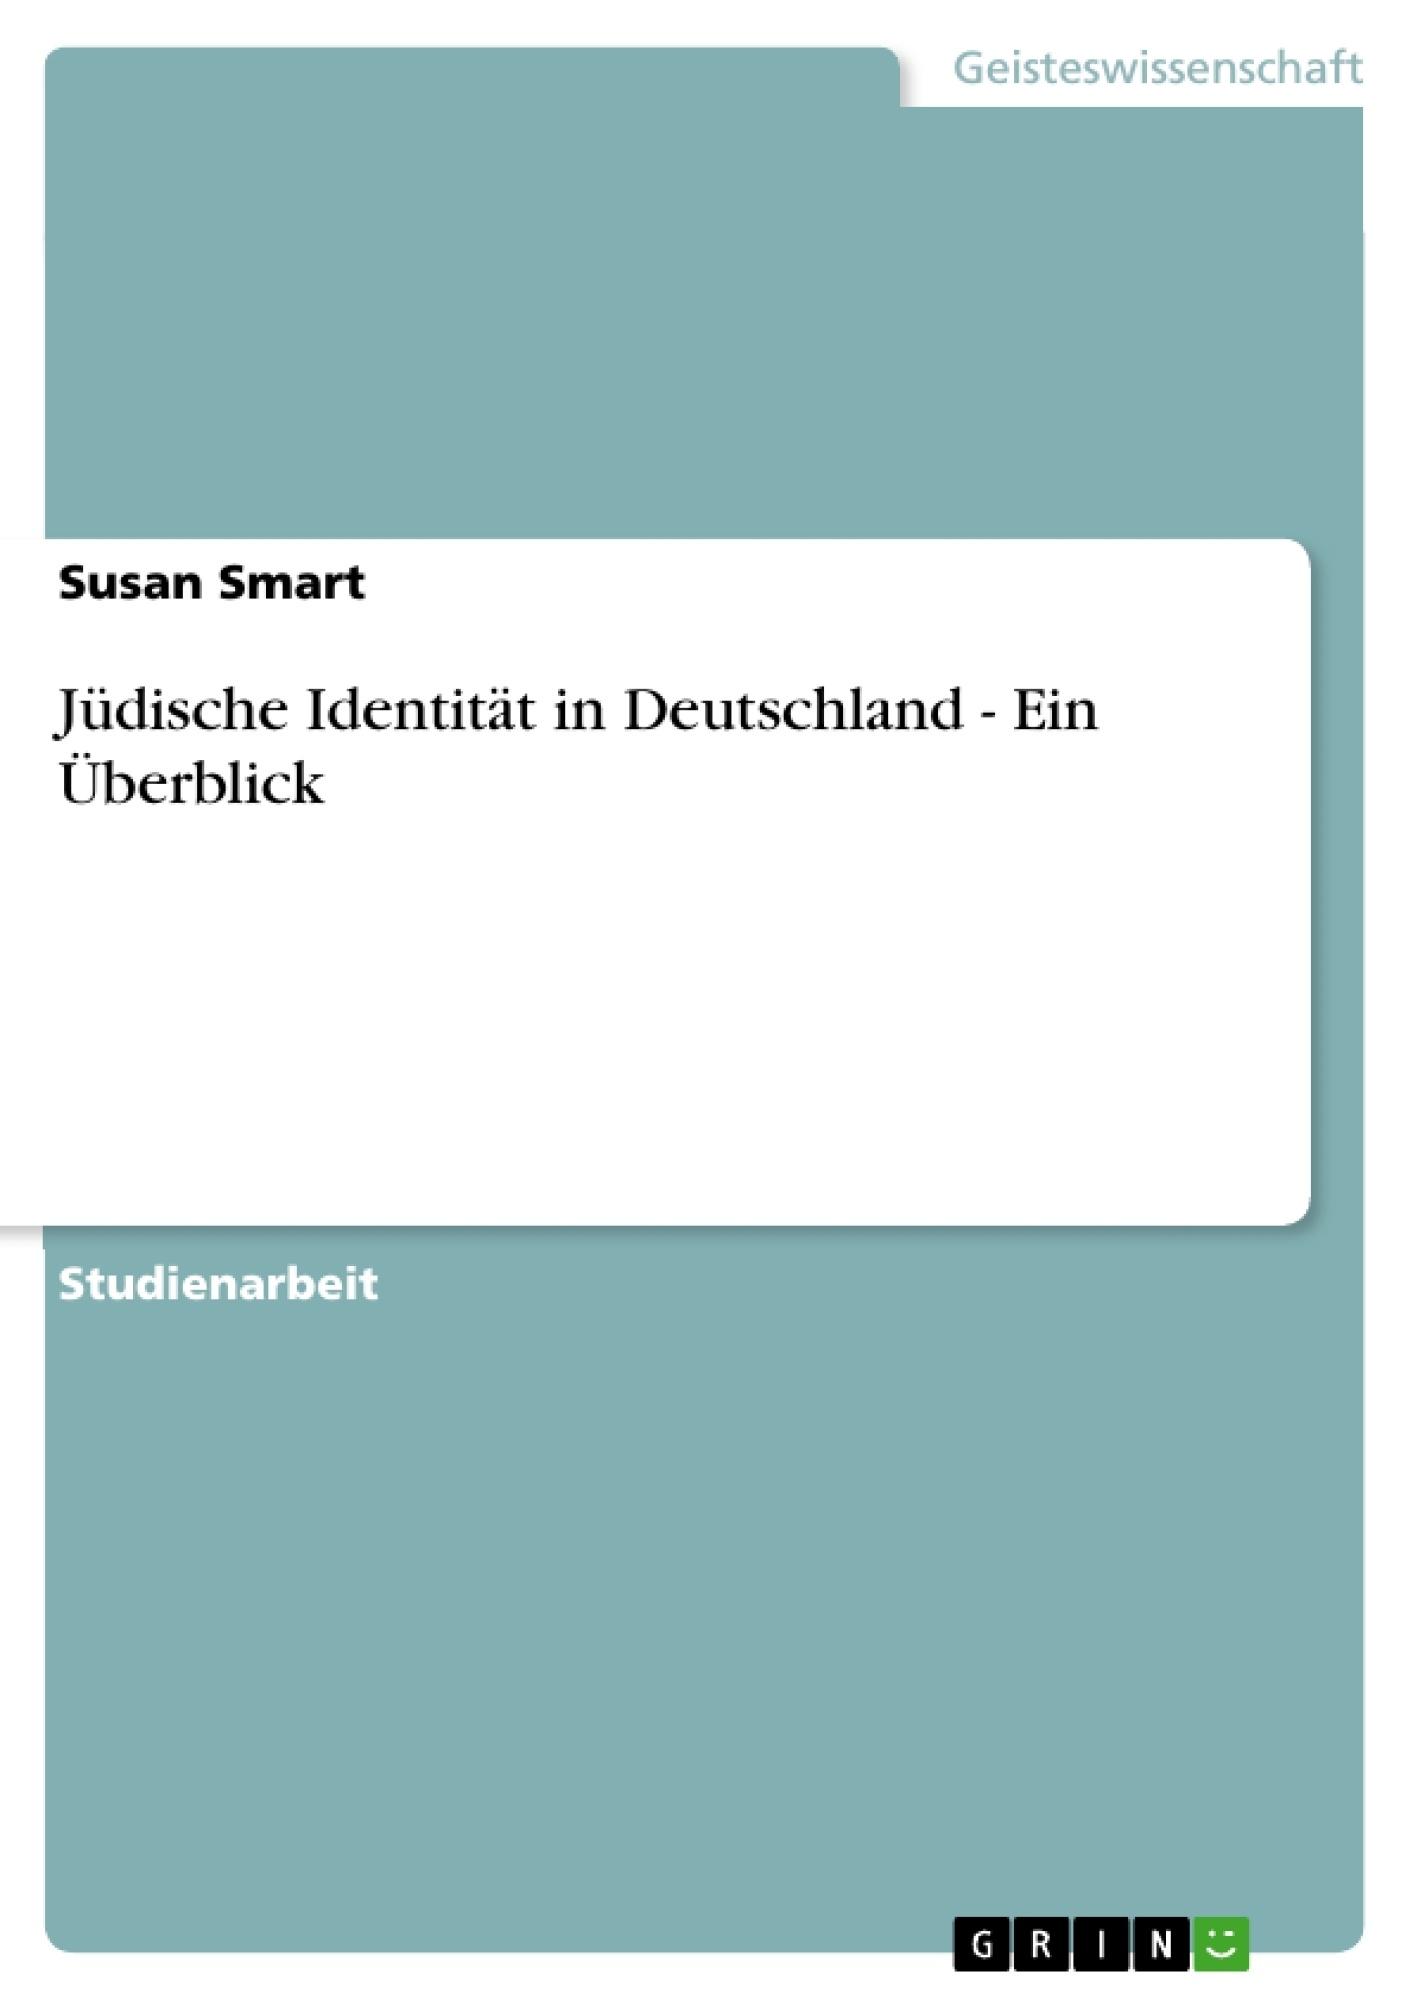 Titel: Jüdische Identität in Deutschland - Ein Überblick